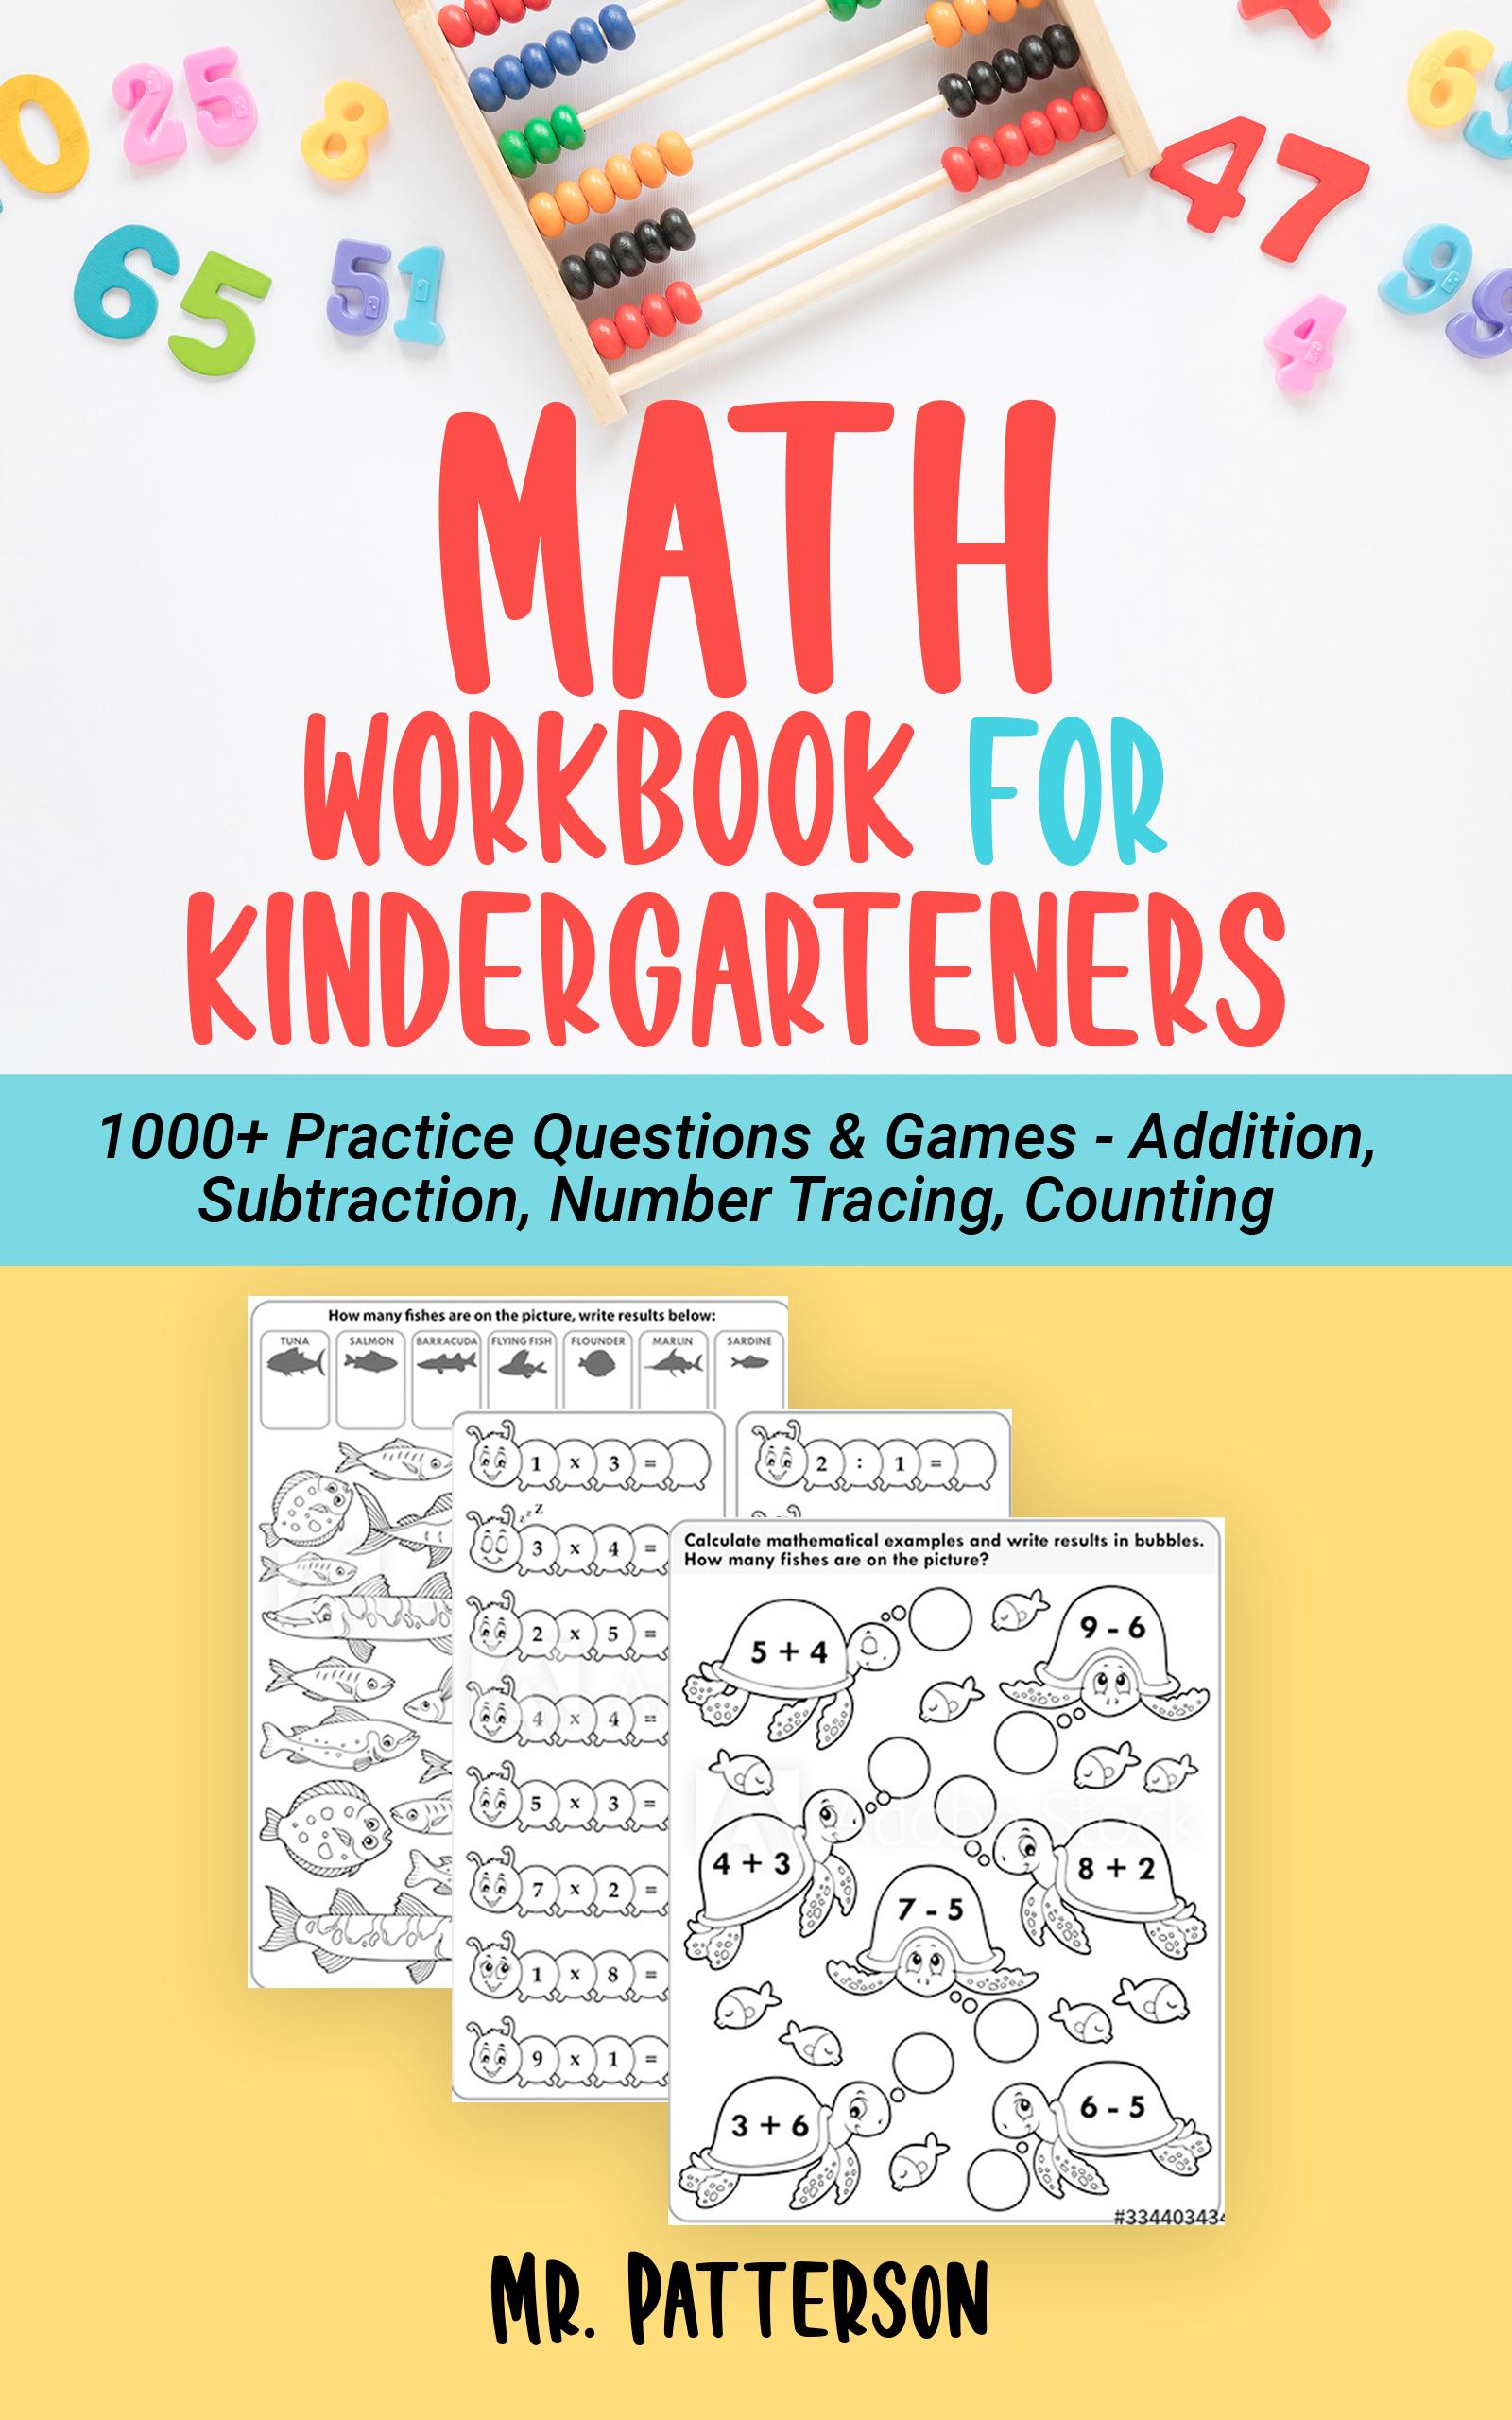 School Book Cover for Kindergarteners!